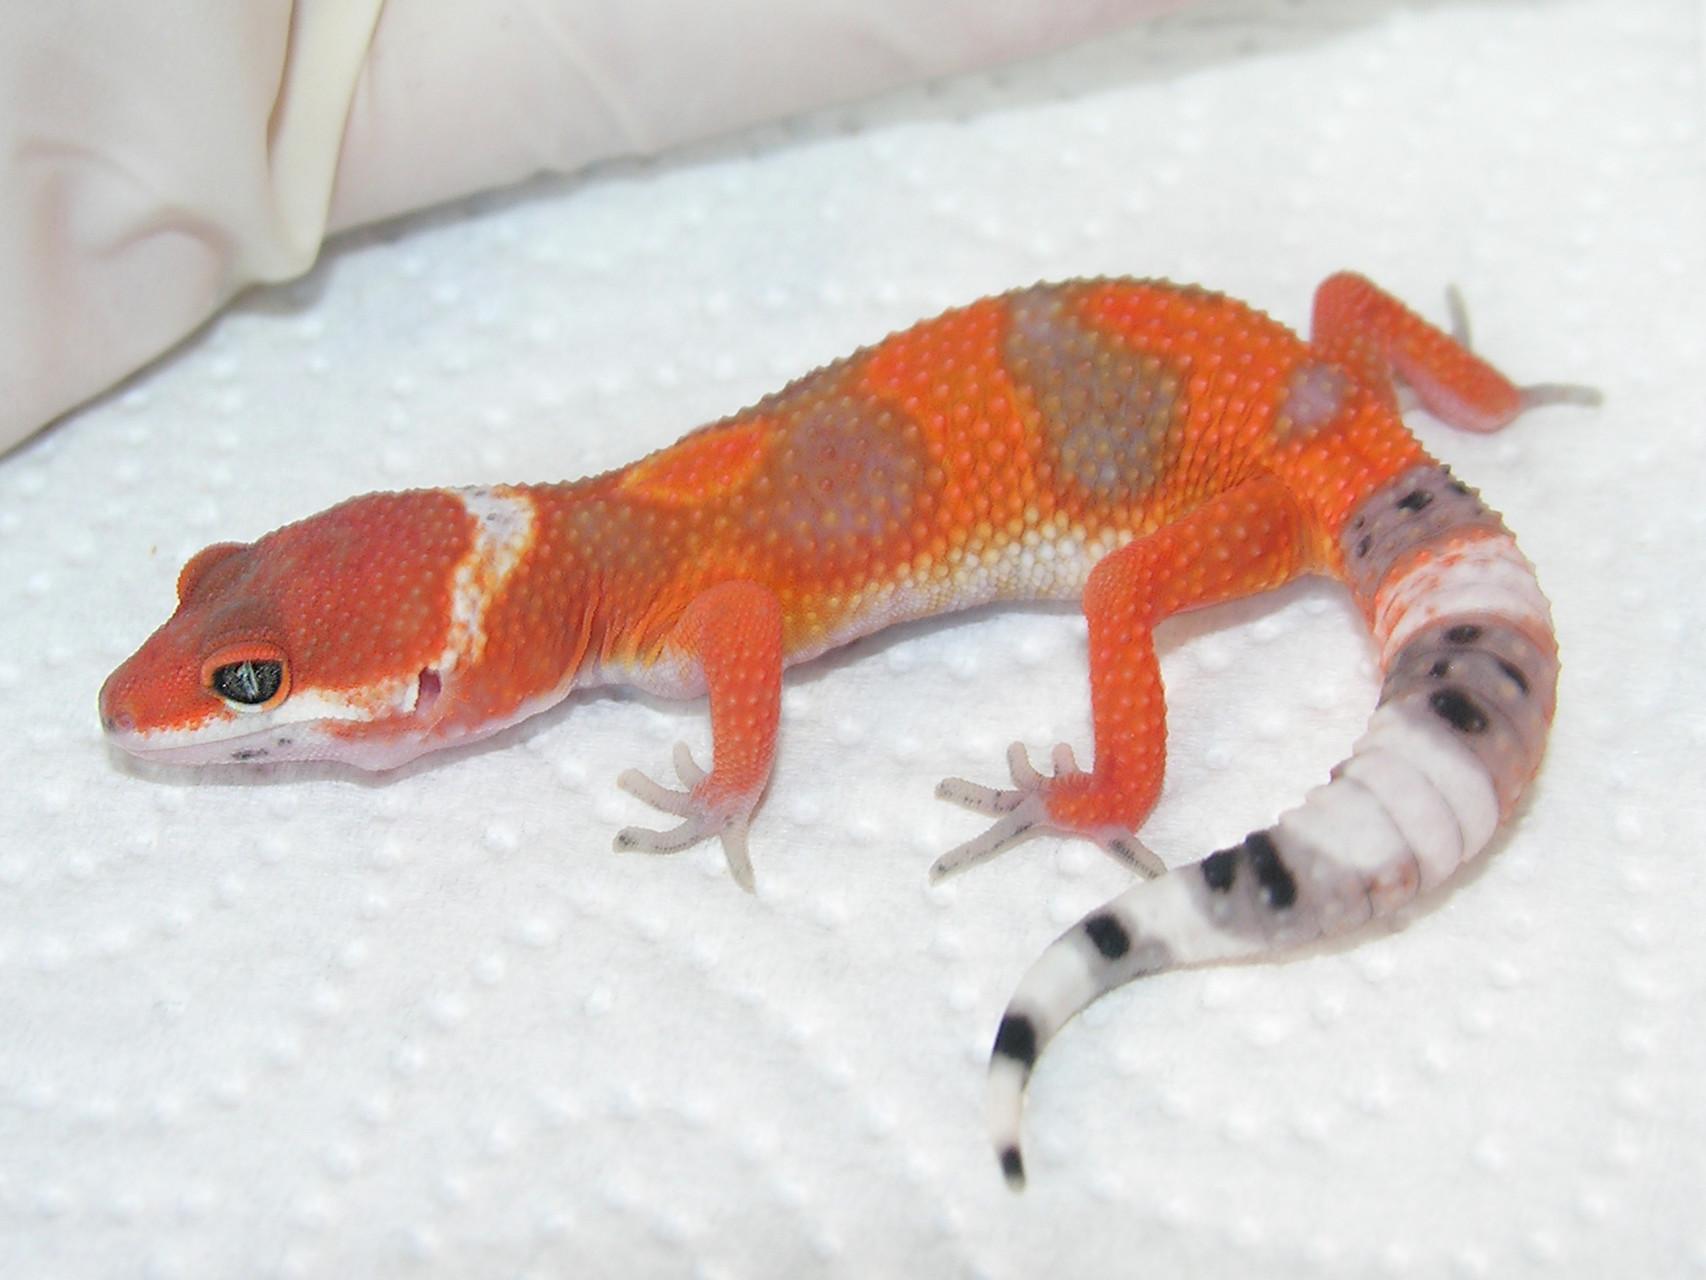 Fallstudie 2/3: Kelli Hammack hat intensiv und langjährig mit einer Tangerine Linie gezüchtet. Der hohe orange-rot Anteil macht diese Electric Tangerines besonders attraktiv.